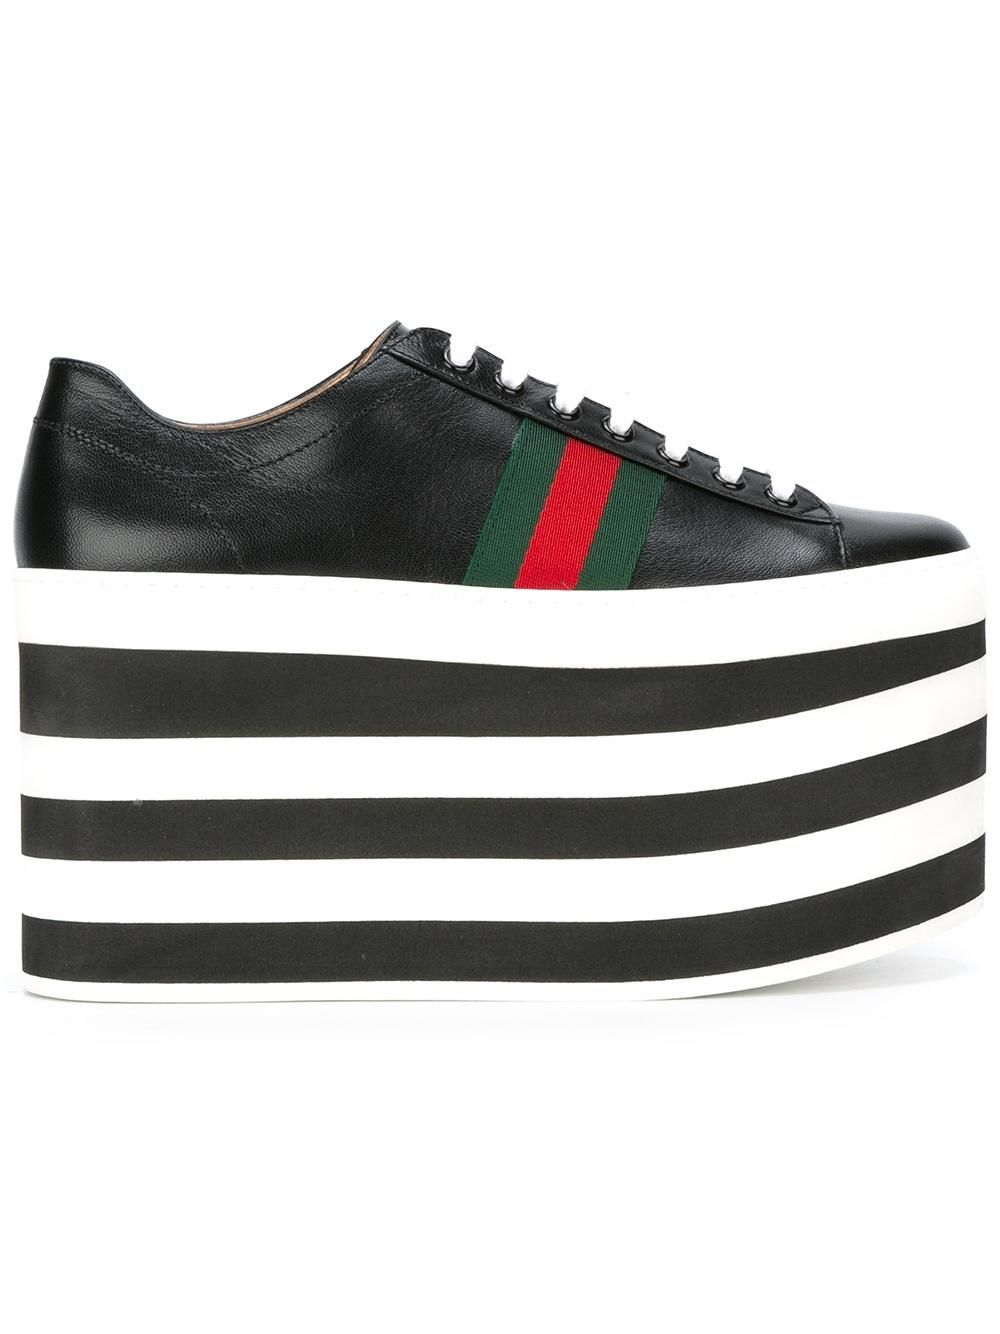 check out ce1f3 0de16 Gucci zapatillas bajas con plataforma plana